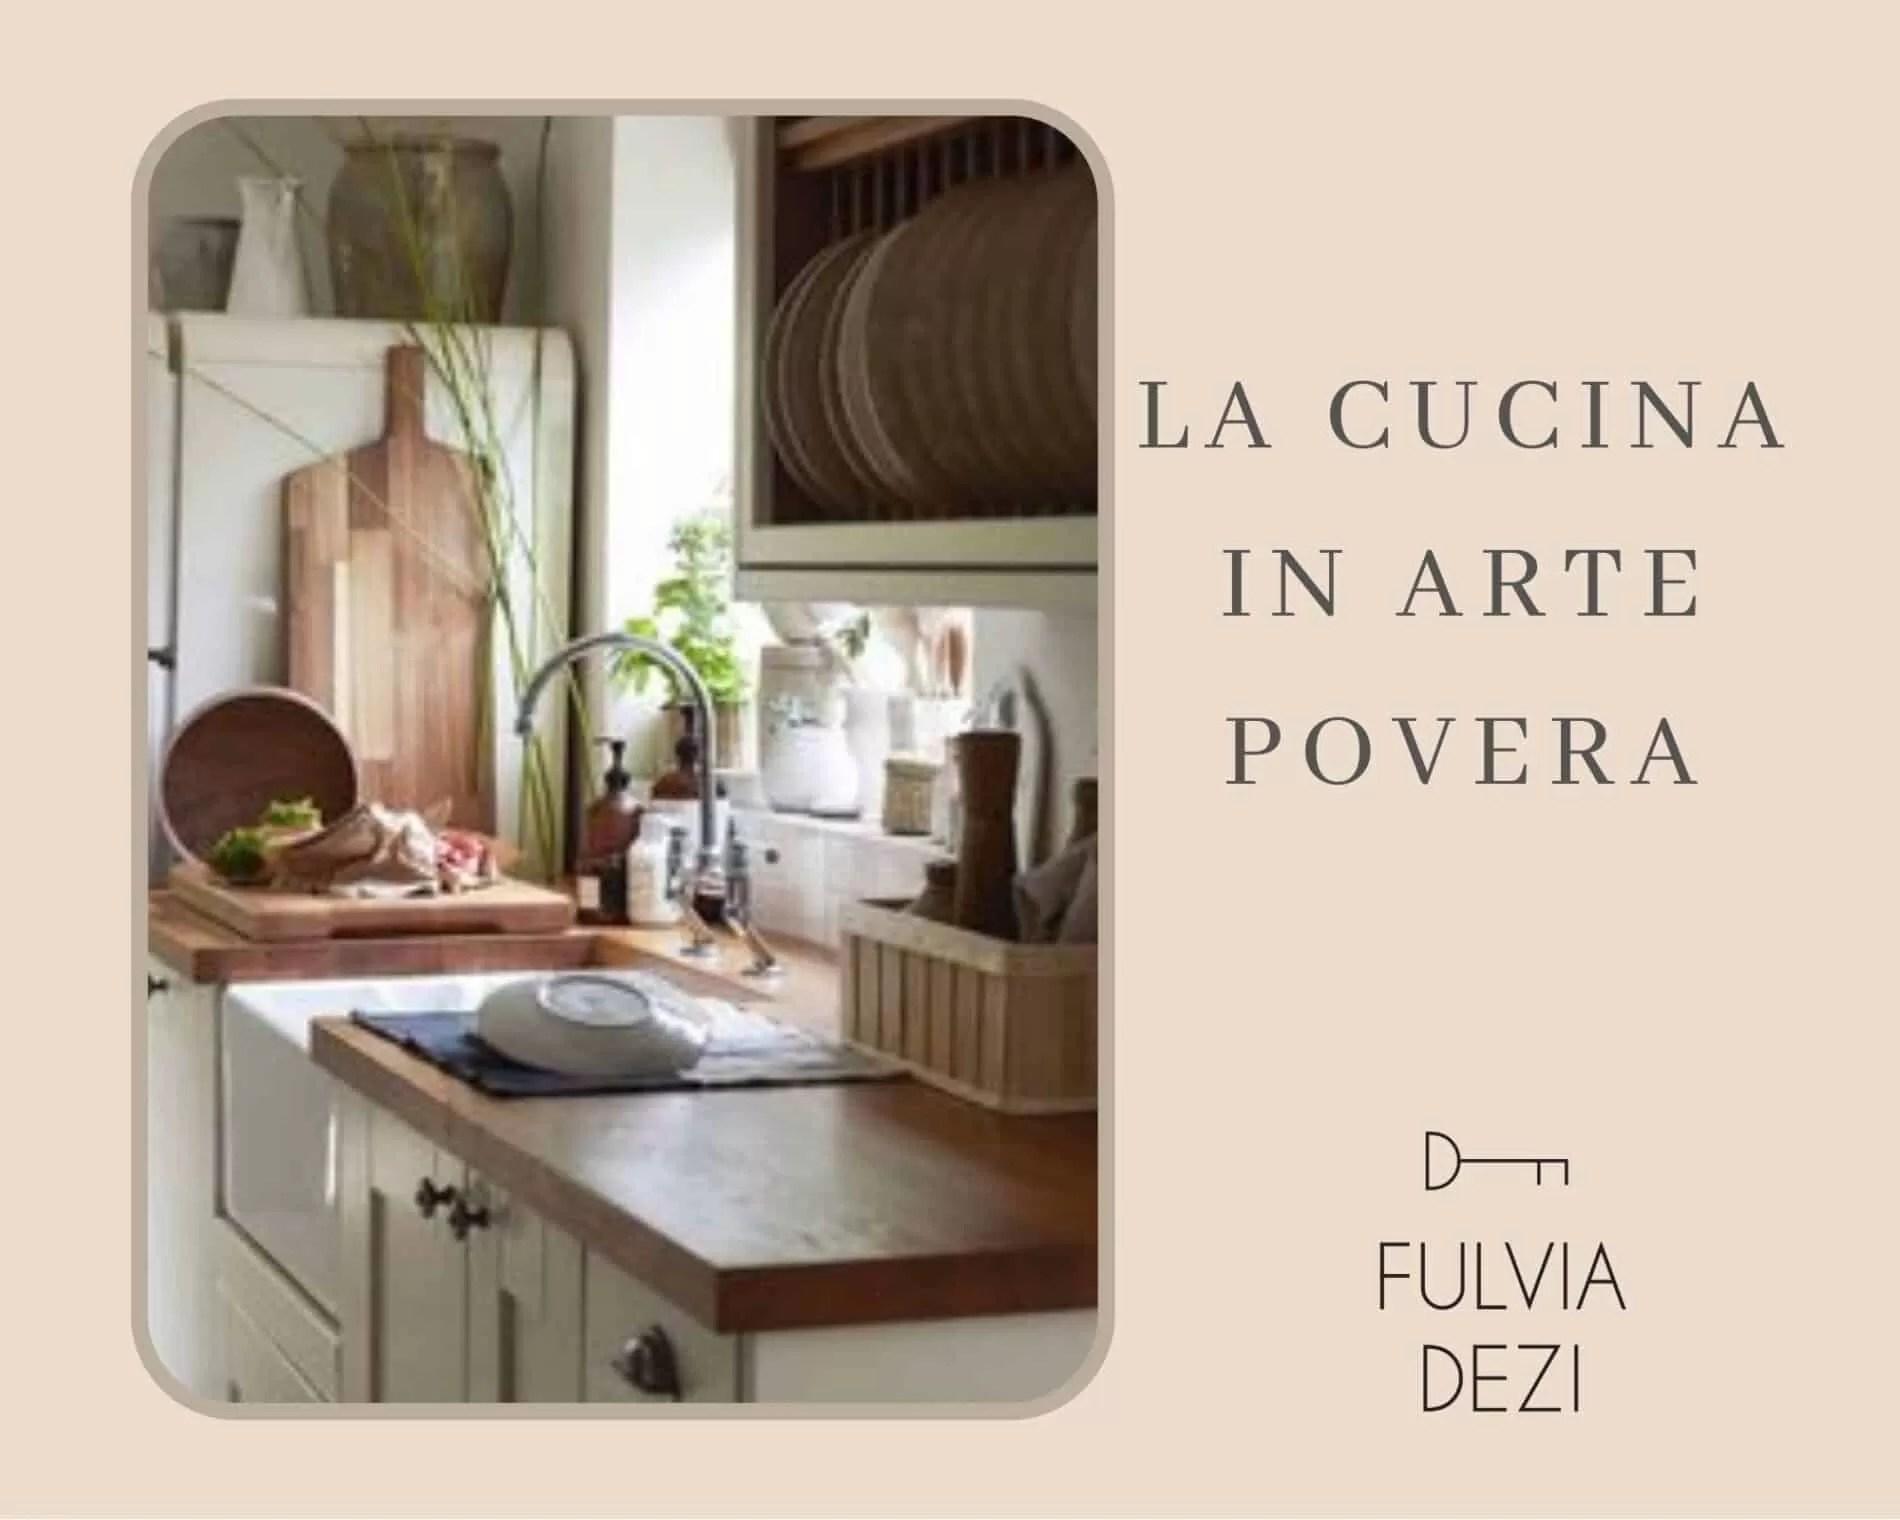 In stile rustico con ampio spazio di archiviazione, mobili bagno arte povera mercatone uno,. Cucine In Arte Povera Mobili Colori E Materiali Glamcasamagazine